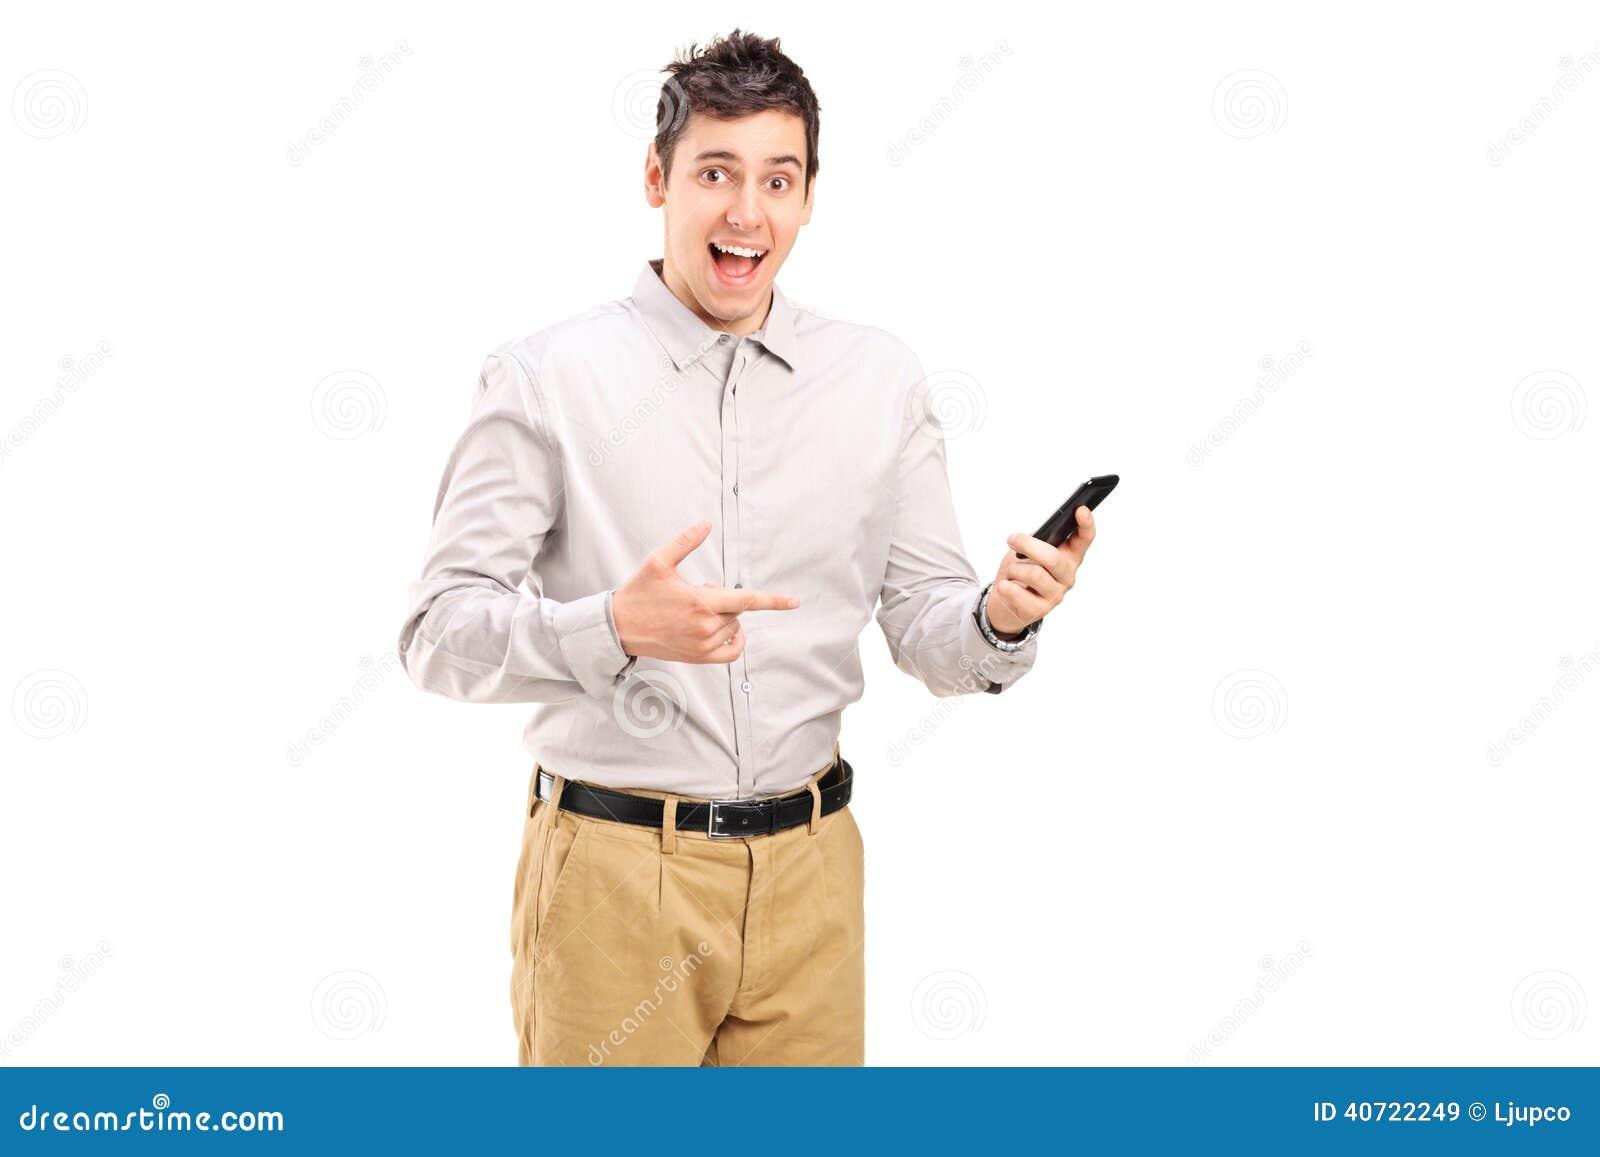 Aufgeregter junger Mann, der in Richtung zu einem Handy zeigt